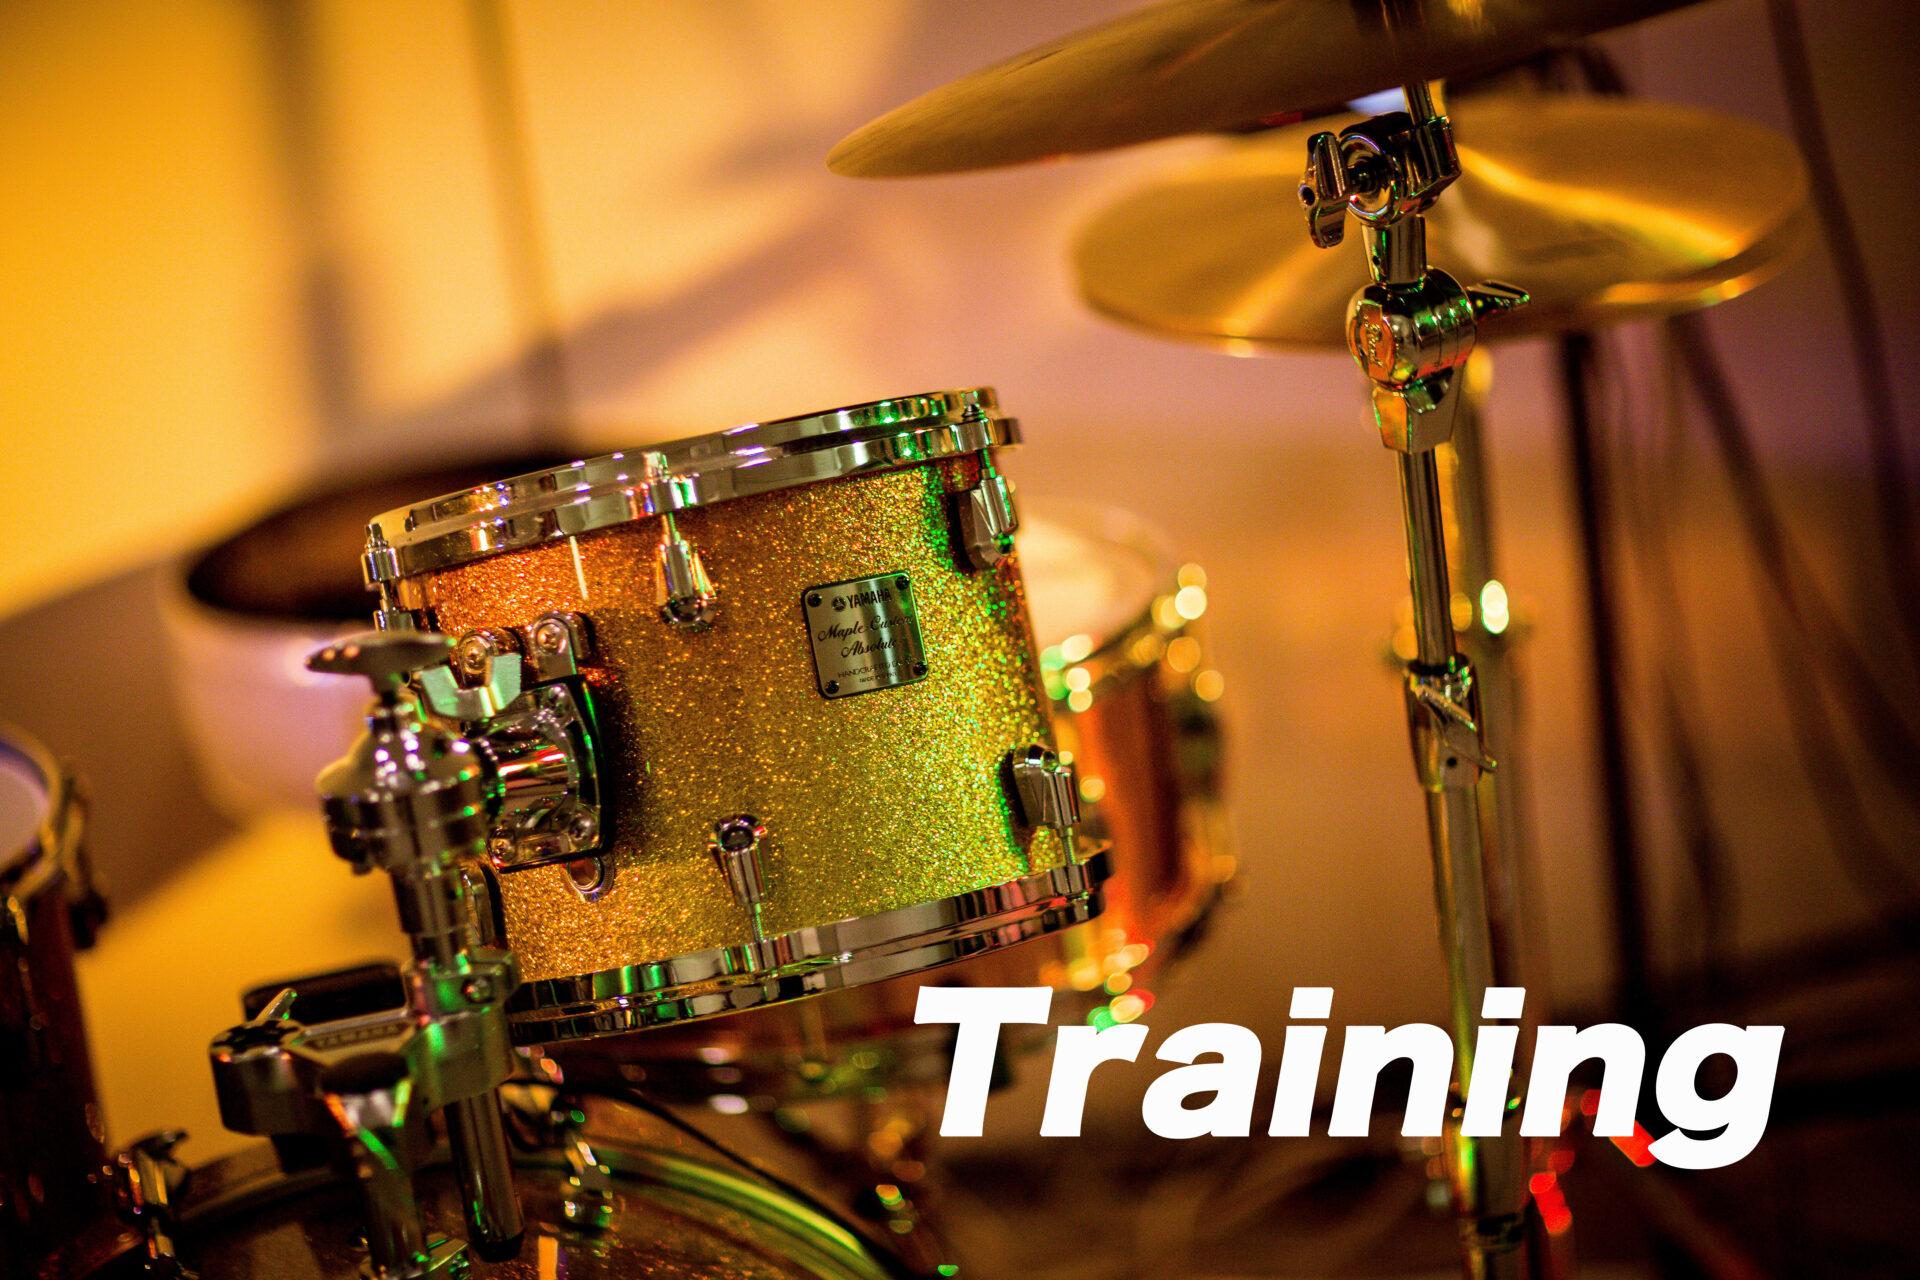 自宅でドラムの練習する時に揃えておきたいものや練習方法